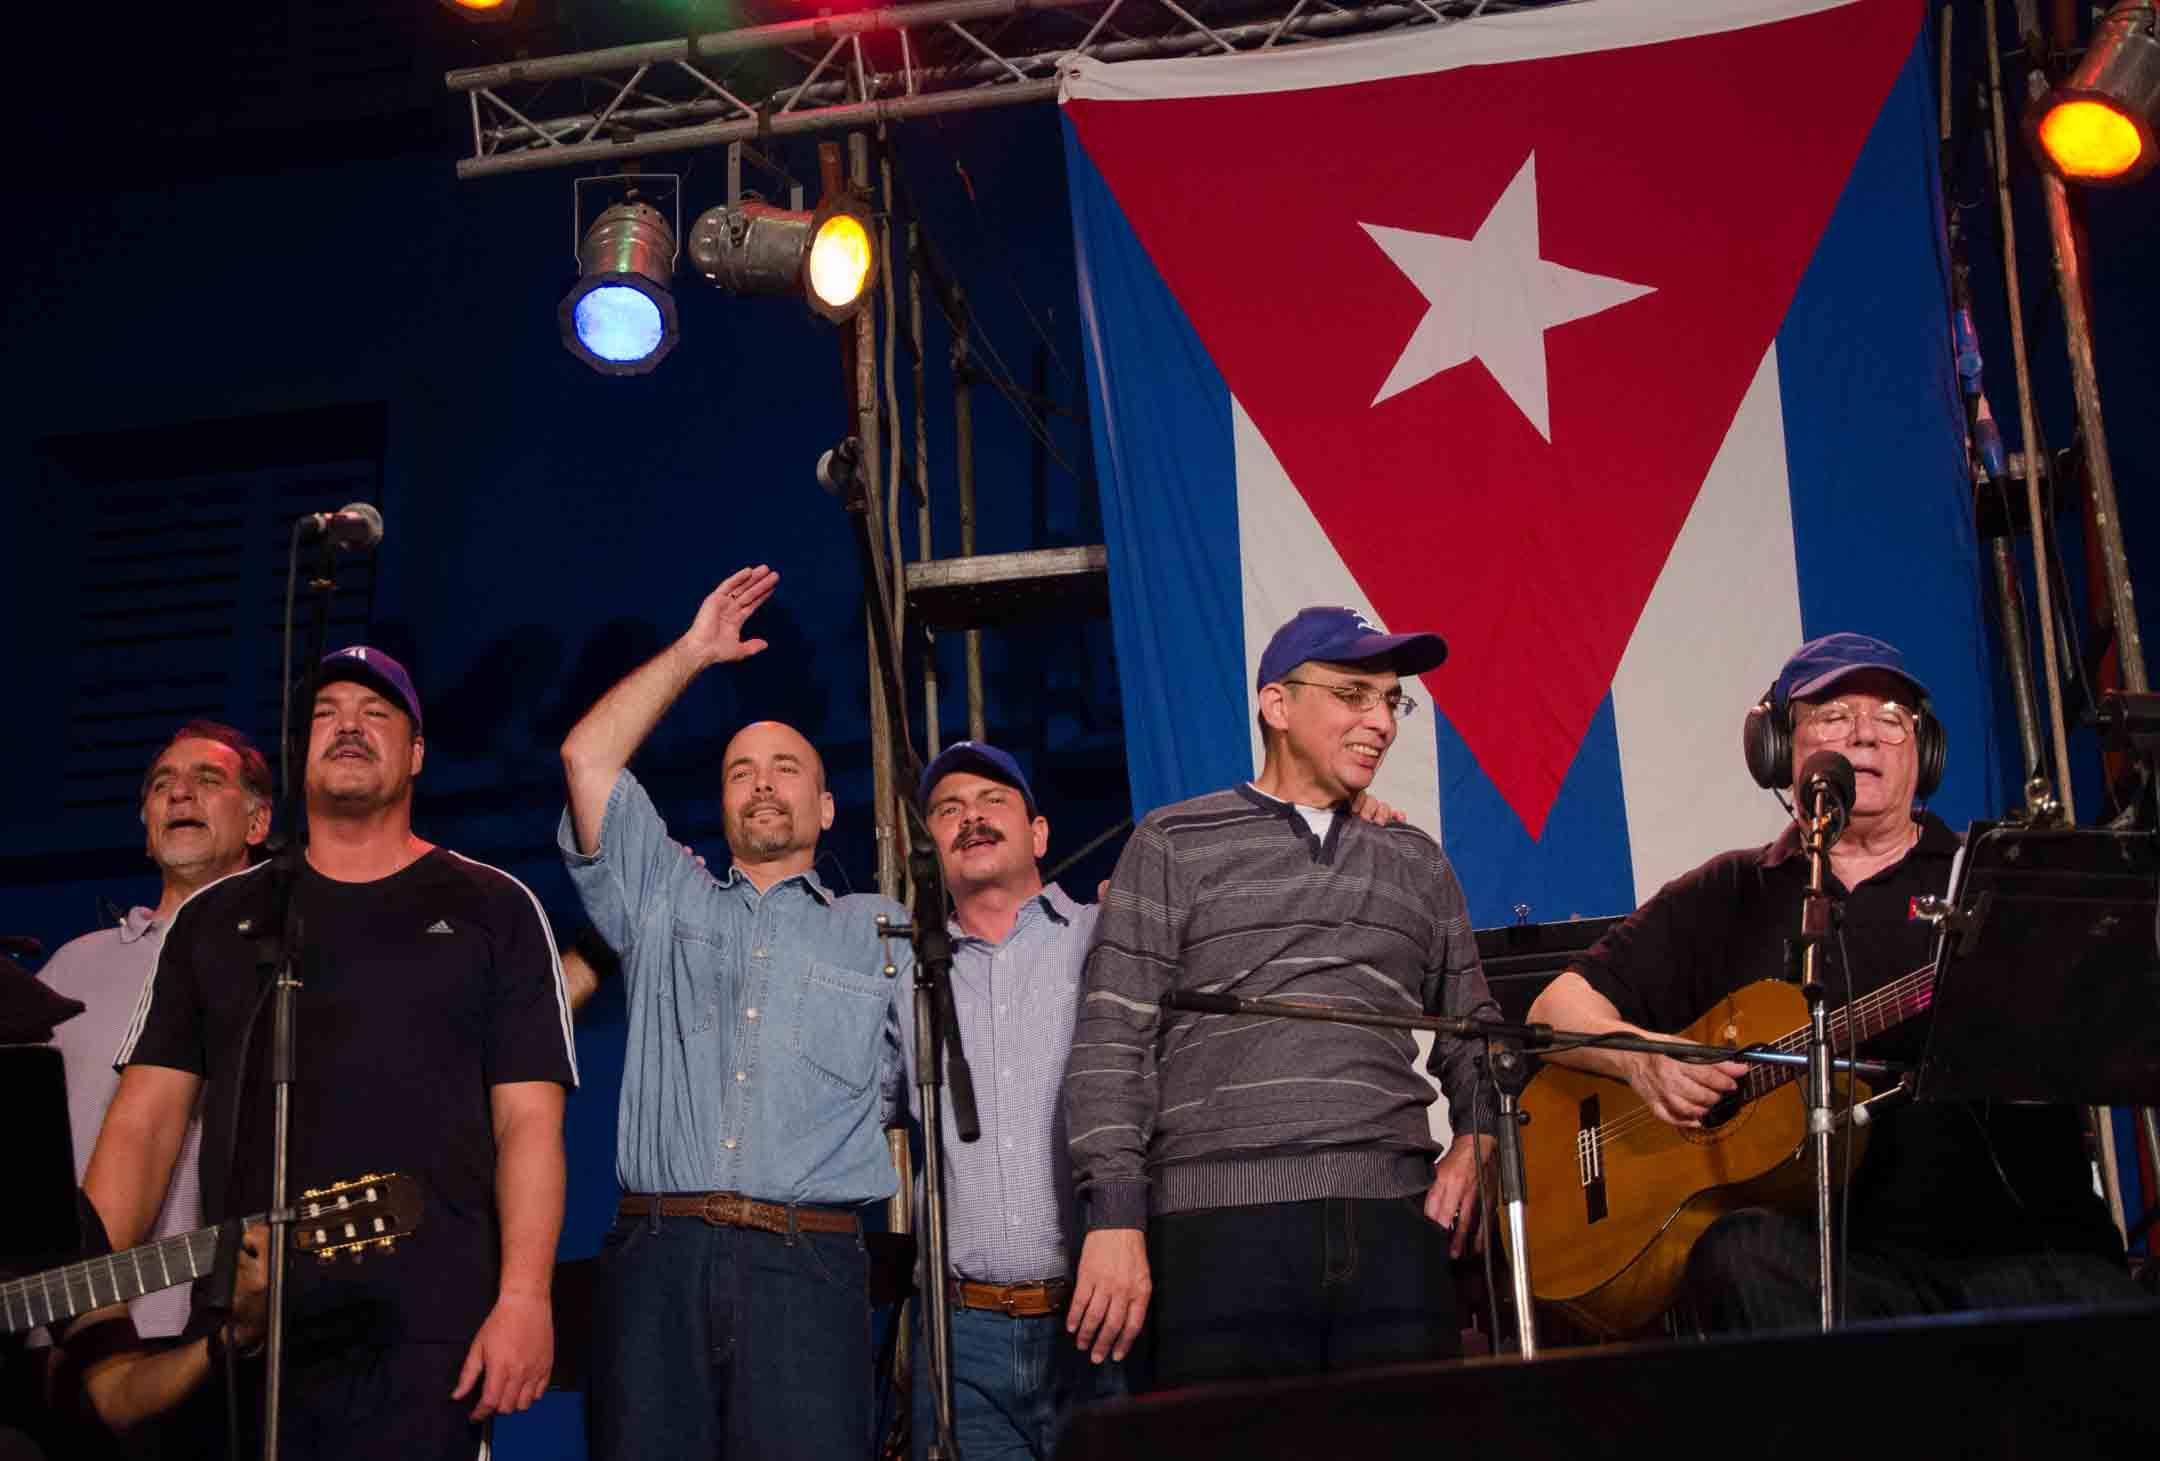 les-cinq-heros-ont-participe-a-un-concert-du-chanteur-cubain-silvio-rodriguez-sur-le-parking-du-stade-latinoamericano-de-la-havane